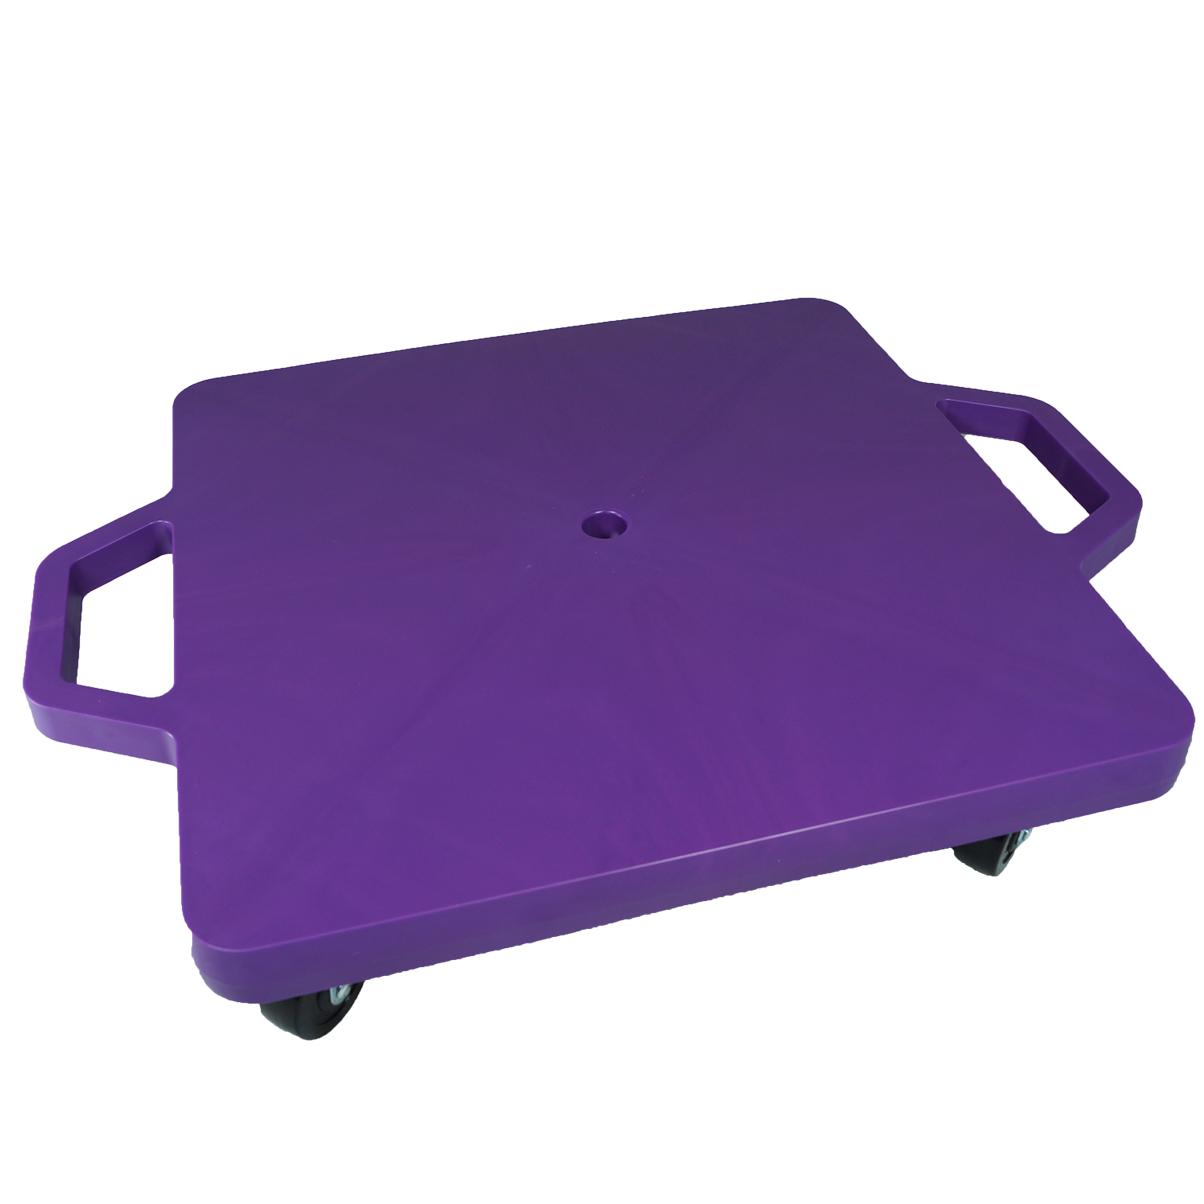 SYS117-P-16吋菱形手把滑板車-紫 (室內用輪)